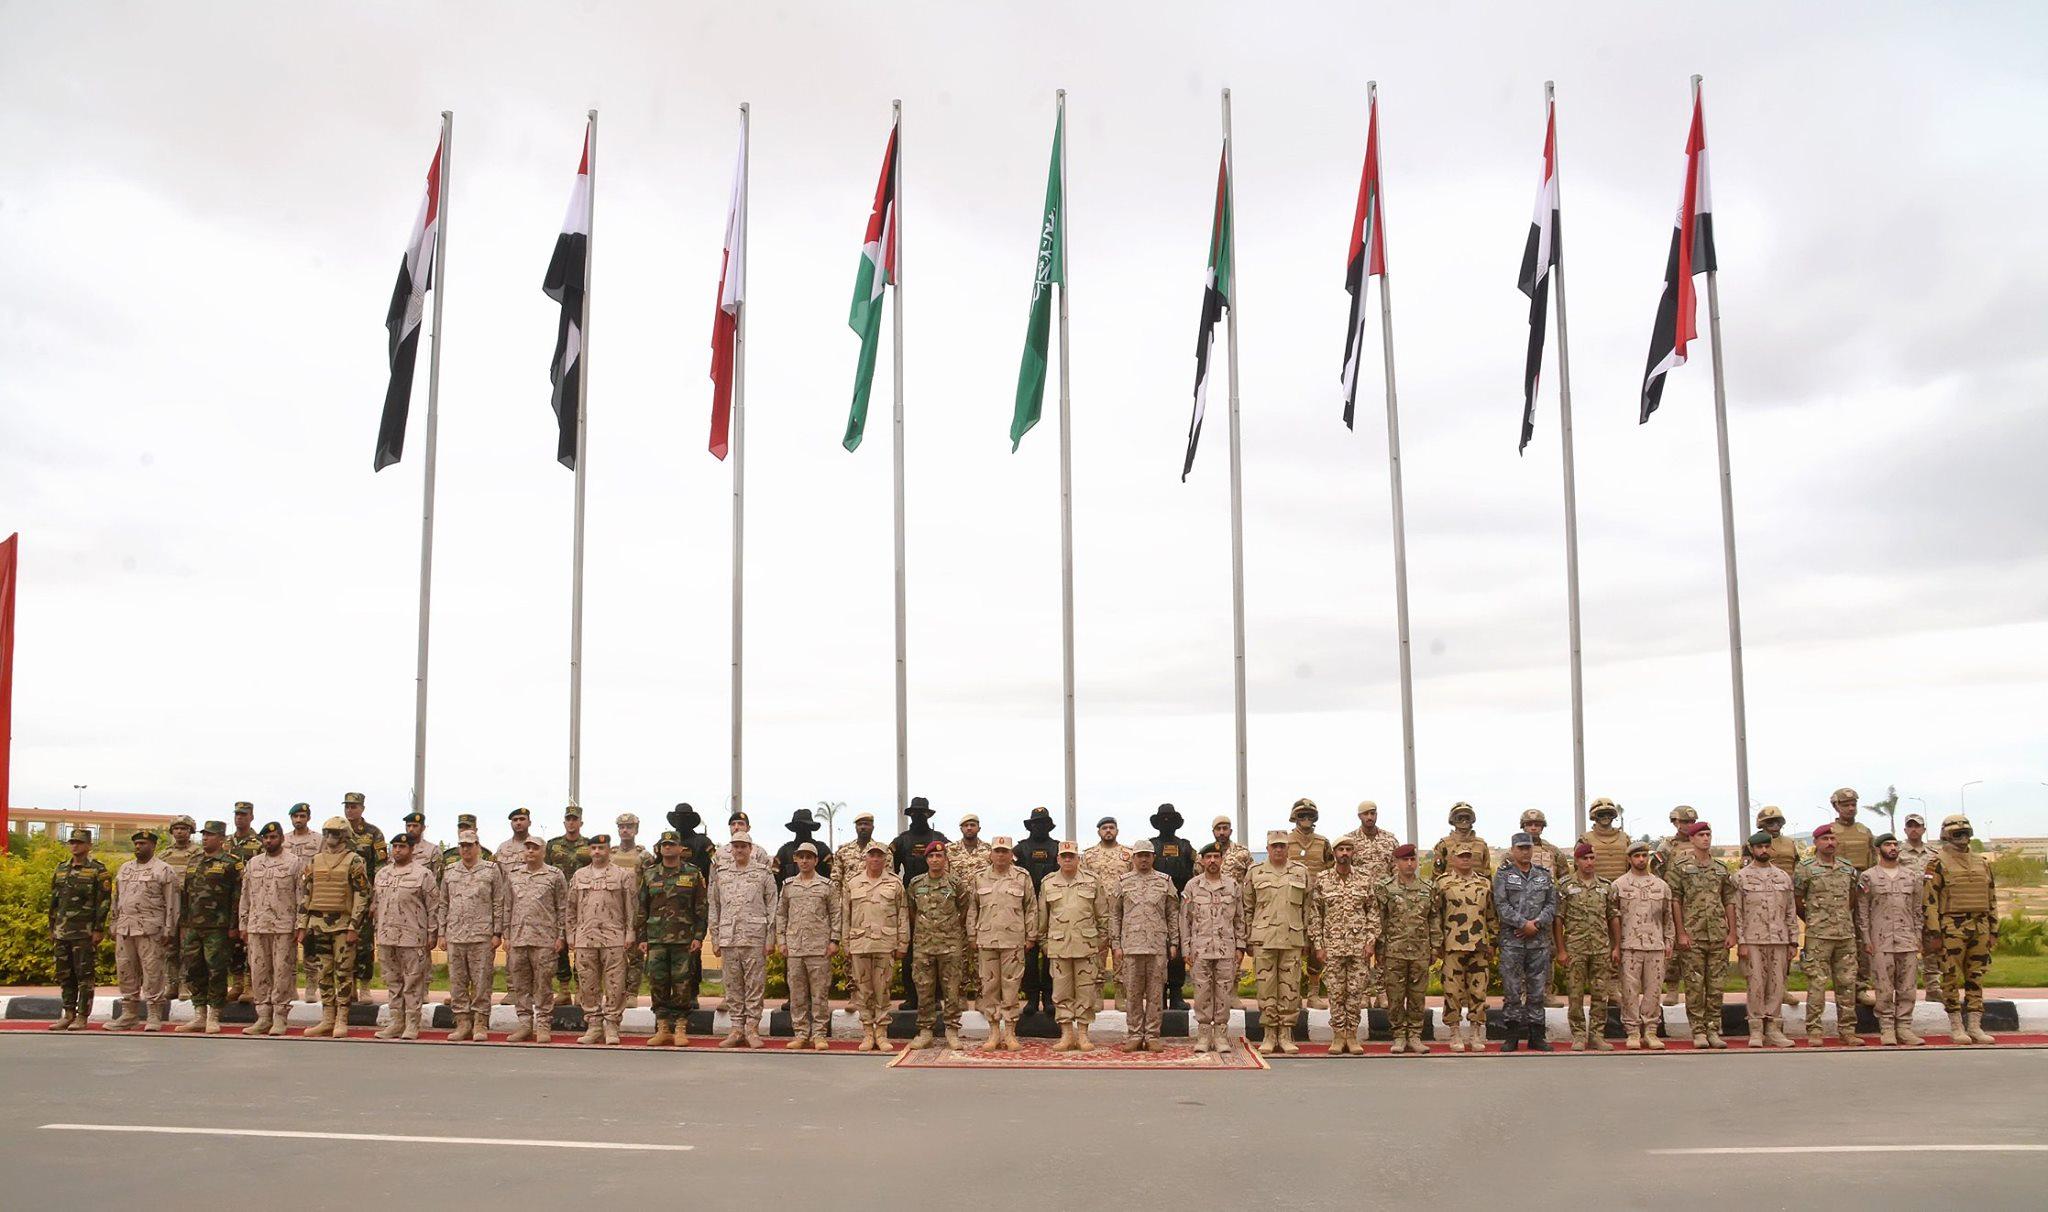 صور | إنطلاق فعاليات التدريب المشترك «سيف العرب» بقاعدة محمد نجيب العسكرية